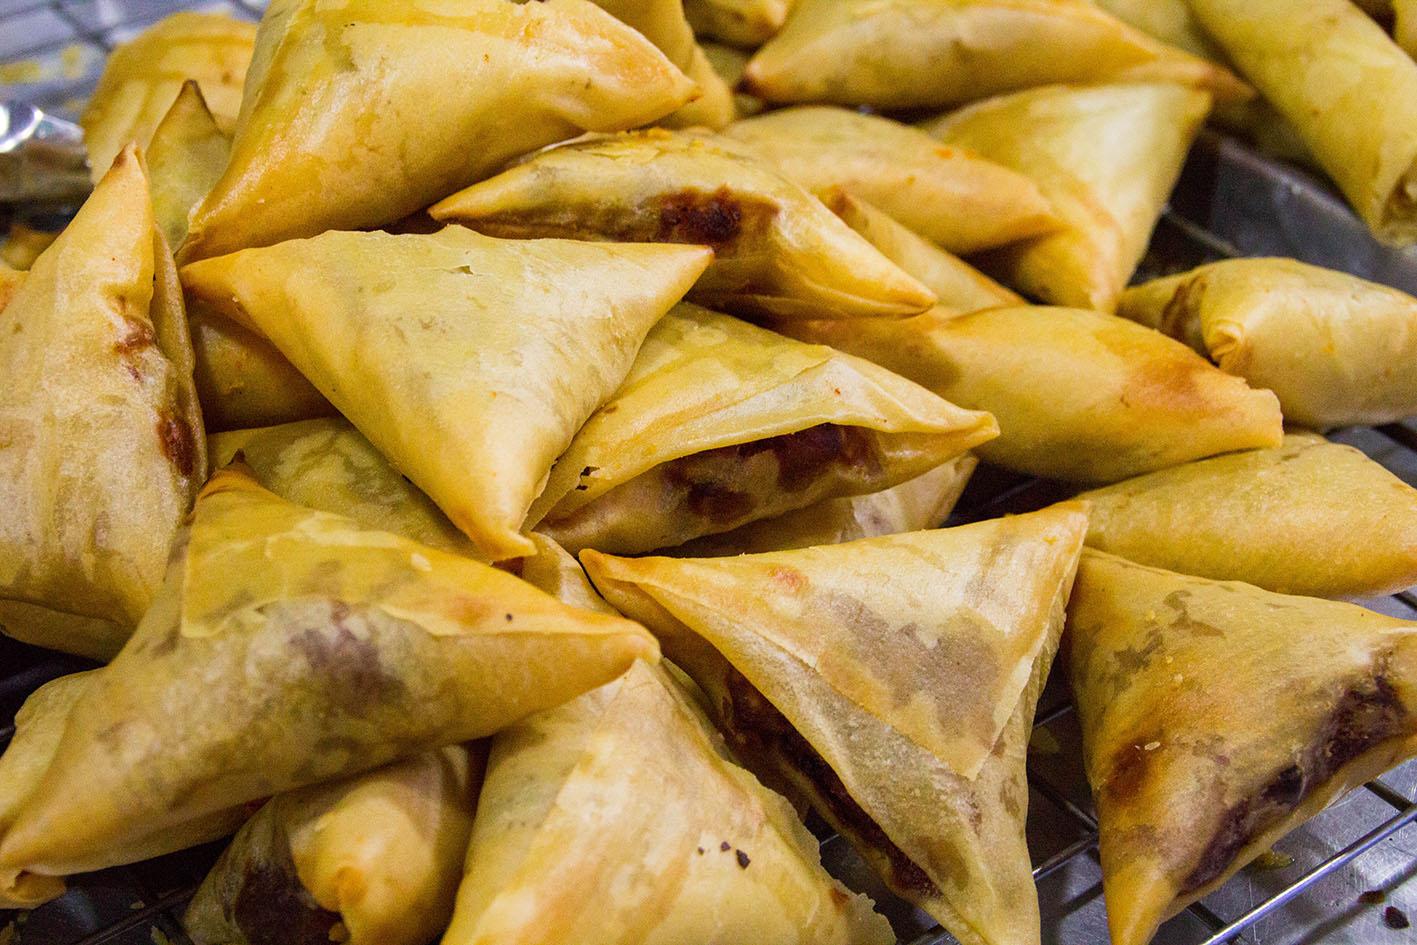 Samosa. Fyllda friterade små paket i triangulär form. Fyllningen kan variera. Kyckling, kött eller något mer åt efterrättshållet som kokos eller annat sött. Foto: Patrik Enlund